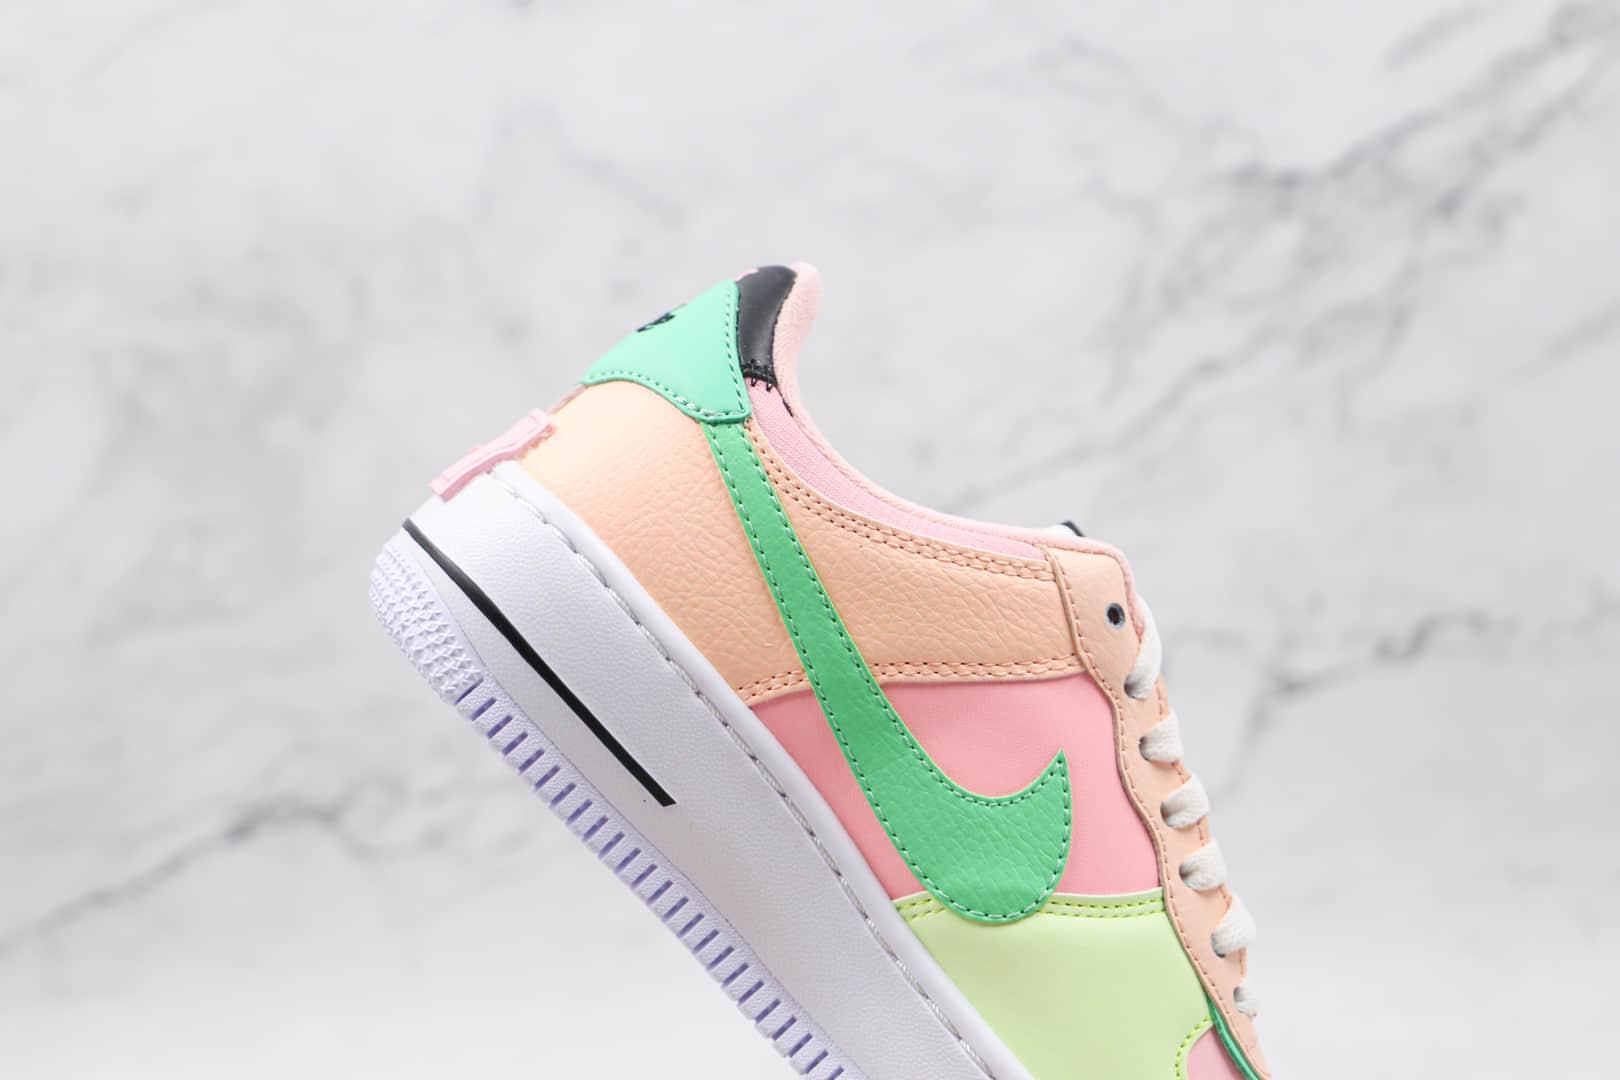 耐克Nike AIR FMRCE 1纯原版本低帮空军一号马卡龙双钩粉黄绿色板鞋原楦头纸板打造 货号:CU8591-601